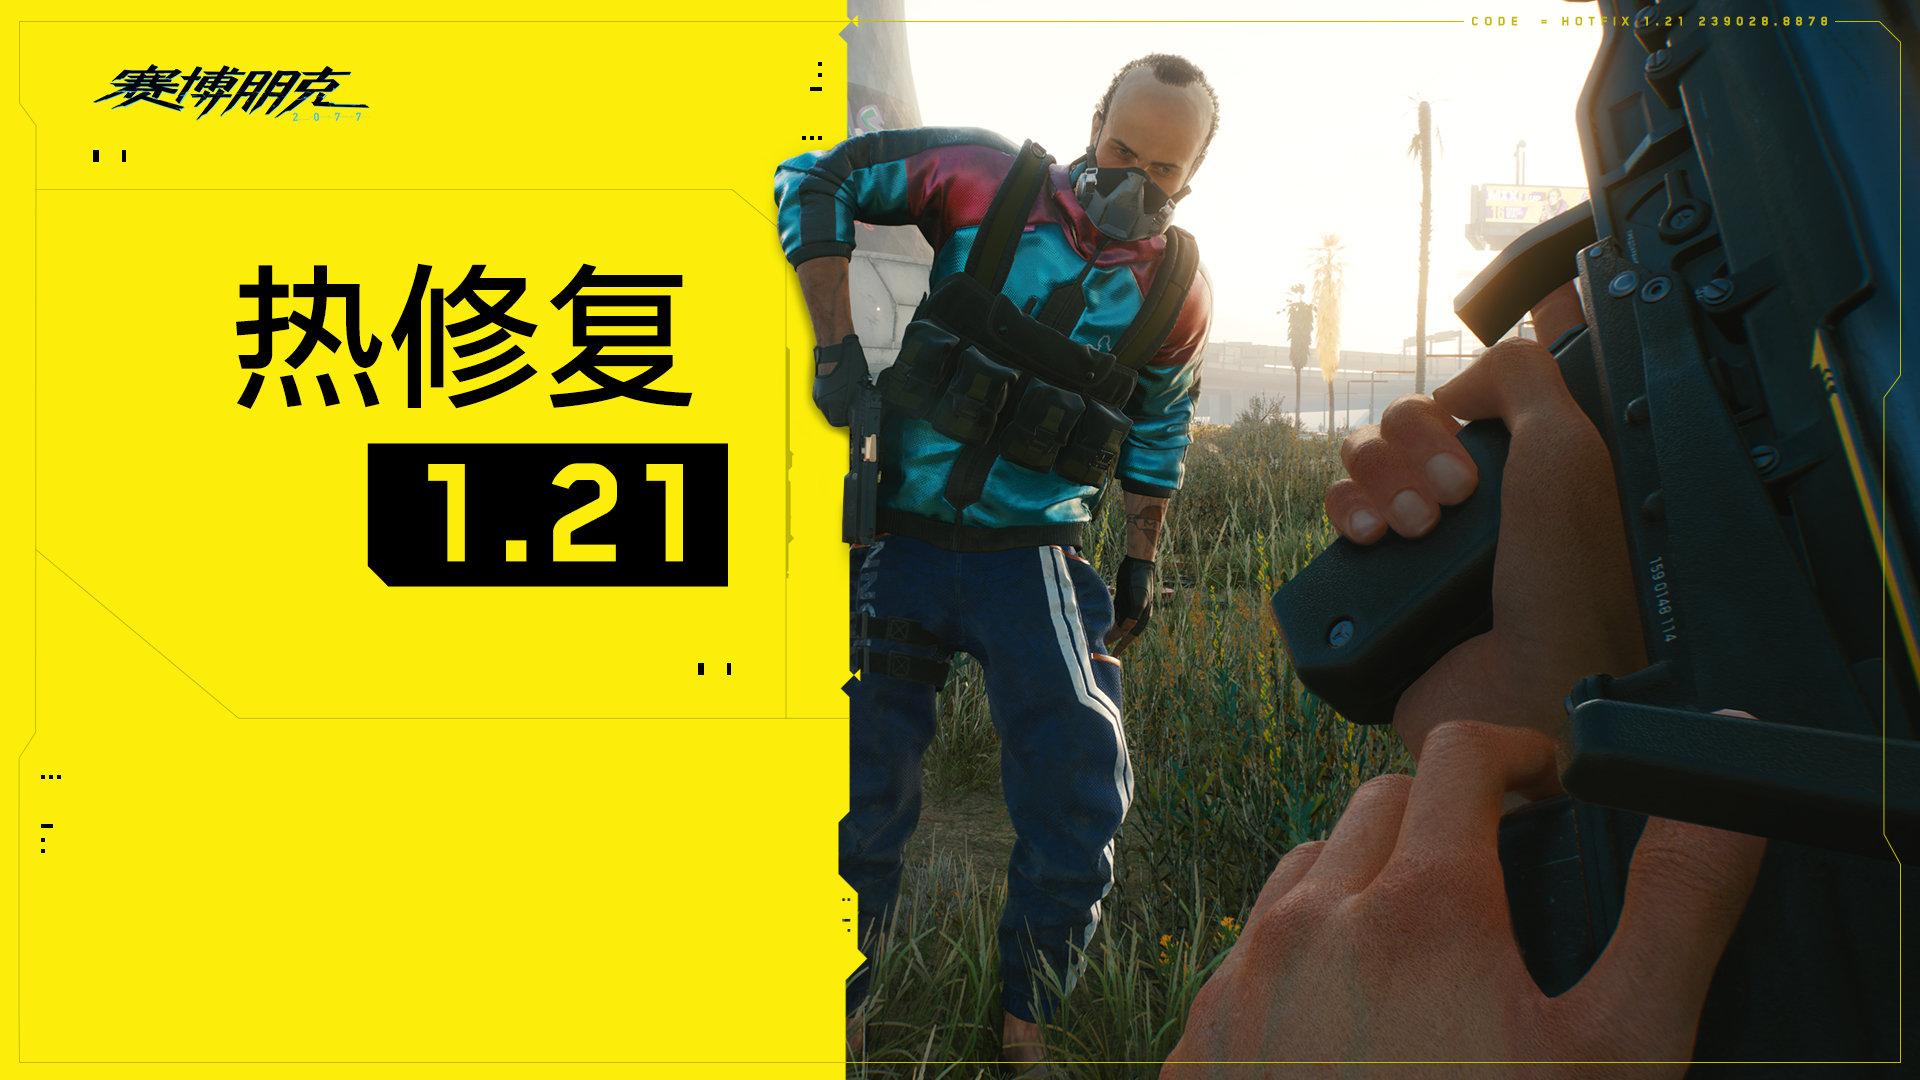 《赛博朋克2077》热修复补丁1.21上线 修复卡关等常见问题